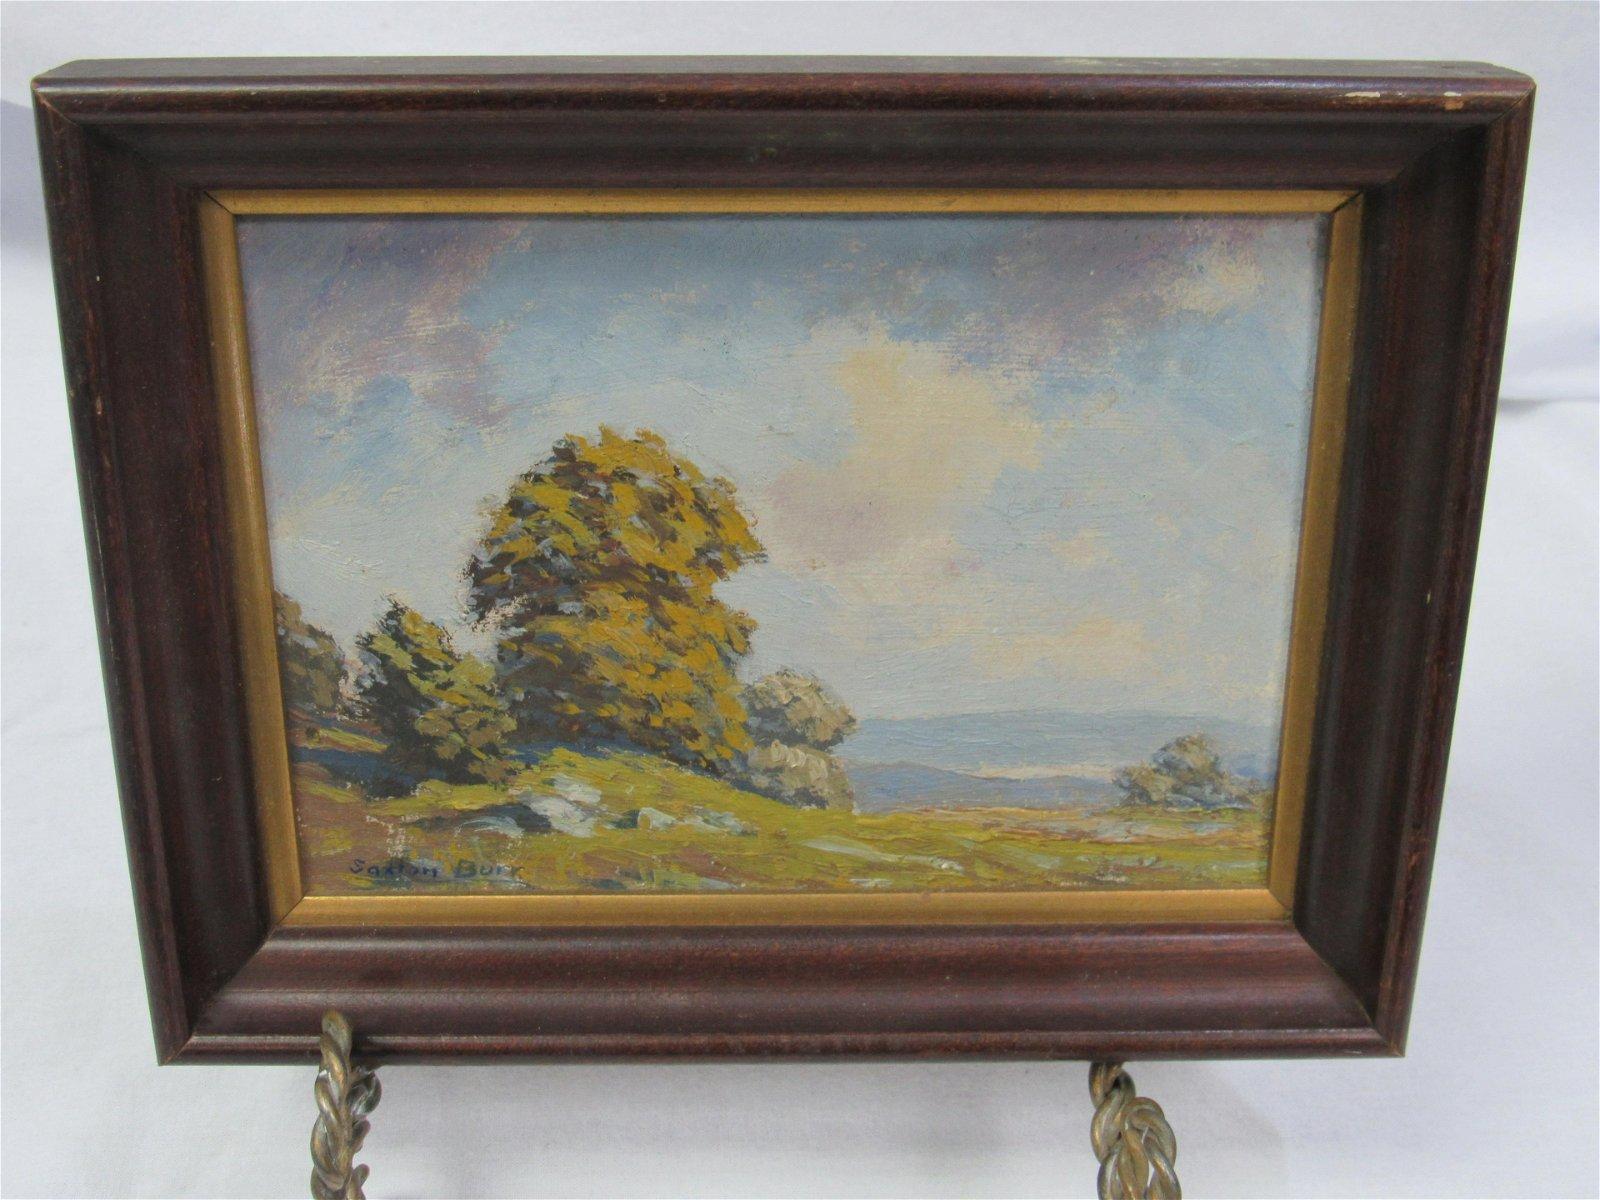 Saxton Burr (1889-1973) Landscape